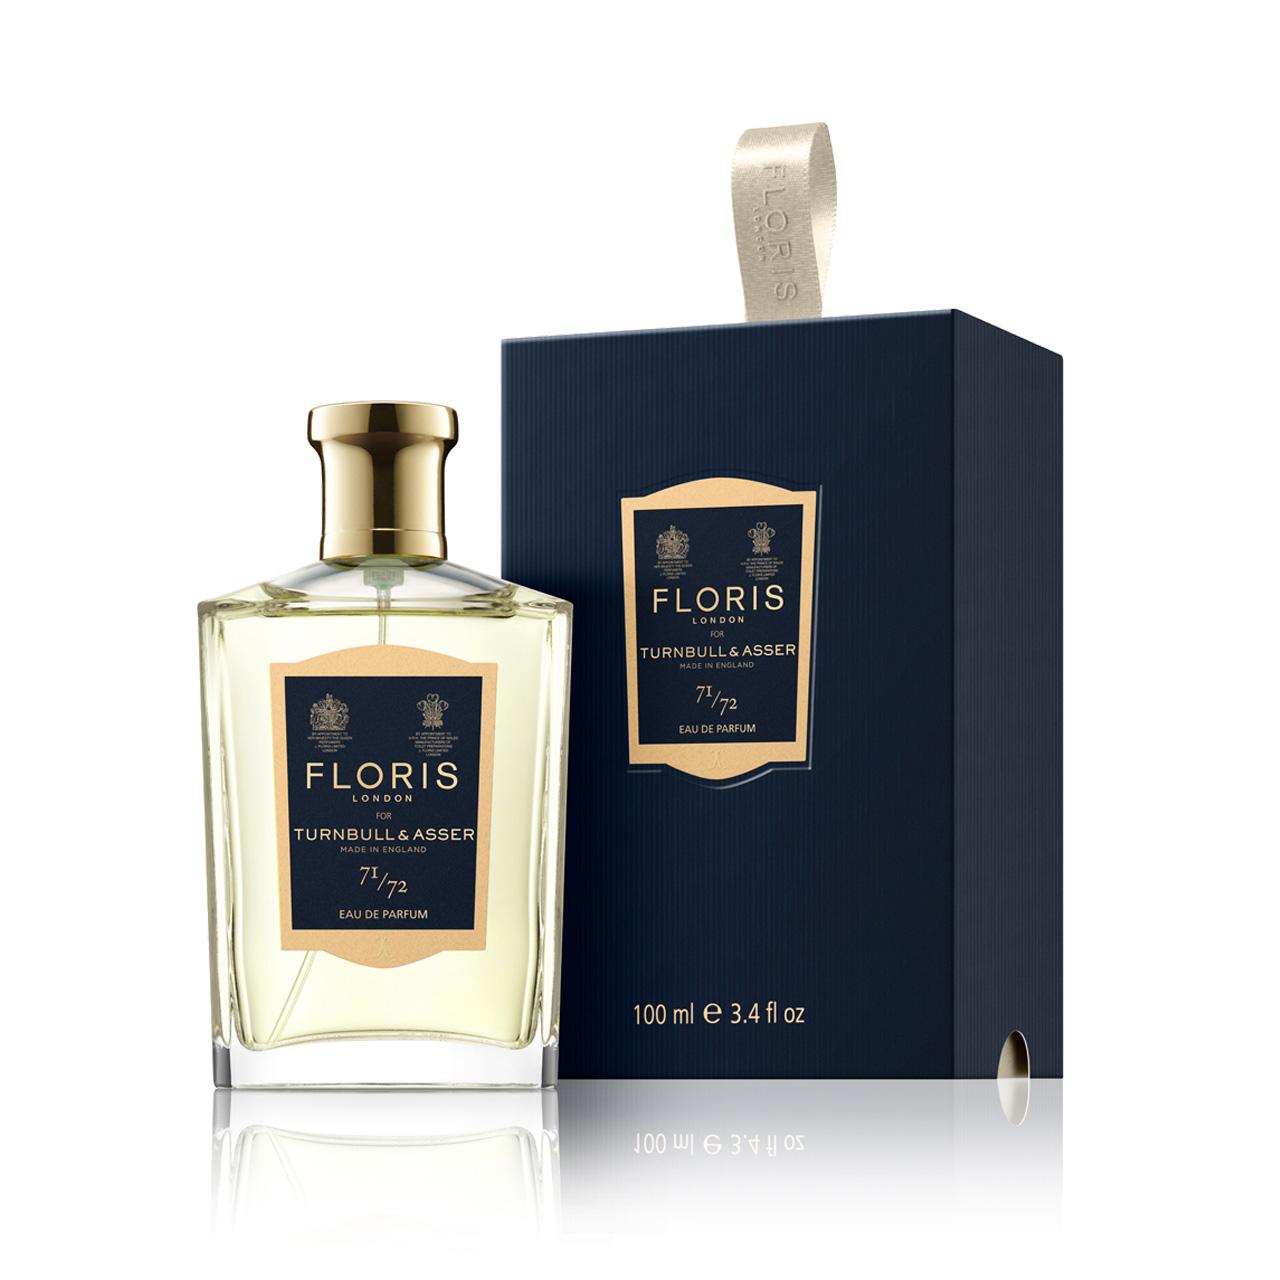 71/72 - Eau de Parfum - Private Collection